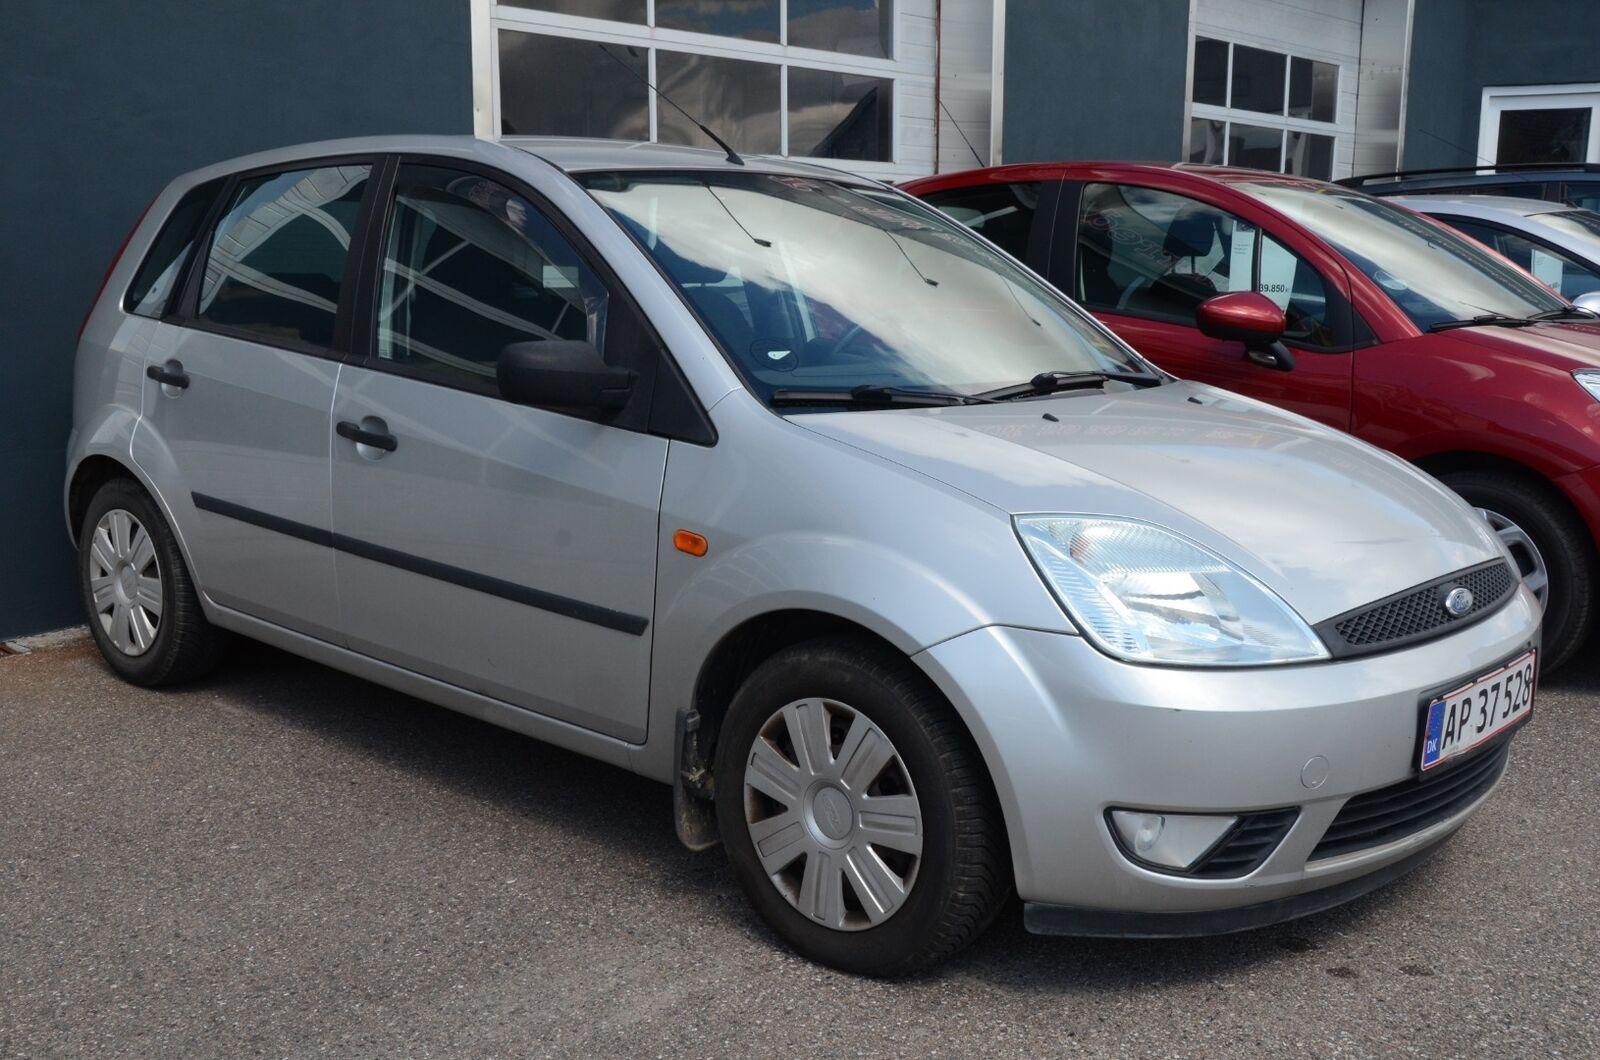 Ford Fiesta 1,4 Ambiente 5d - 22.500 kr.